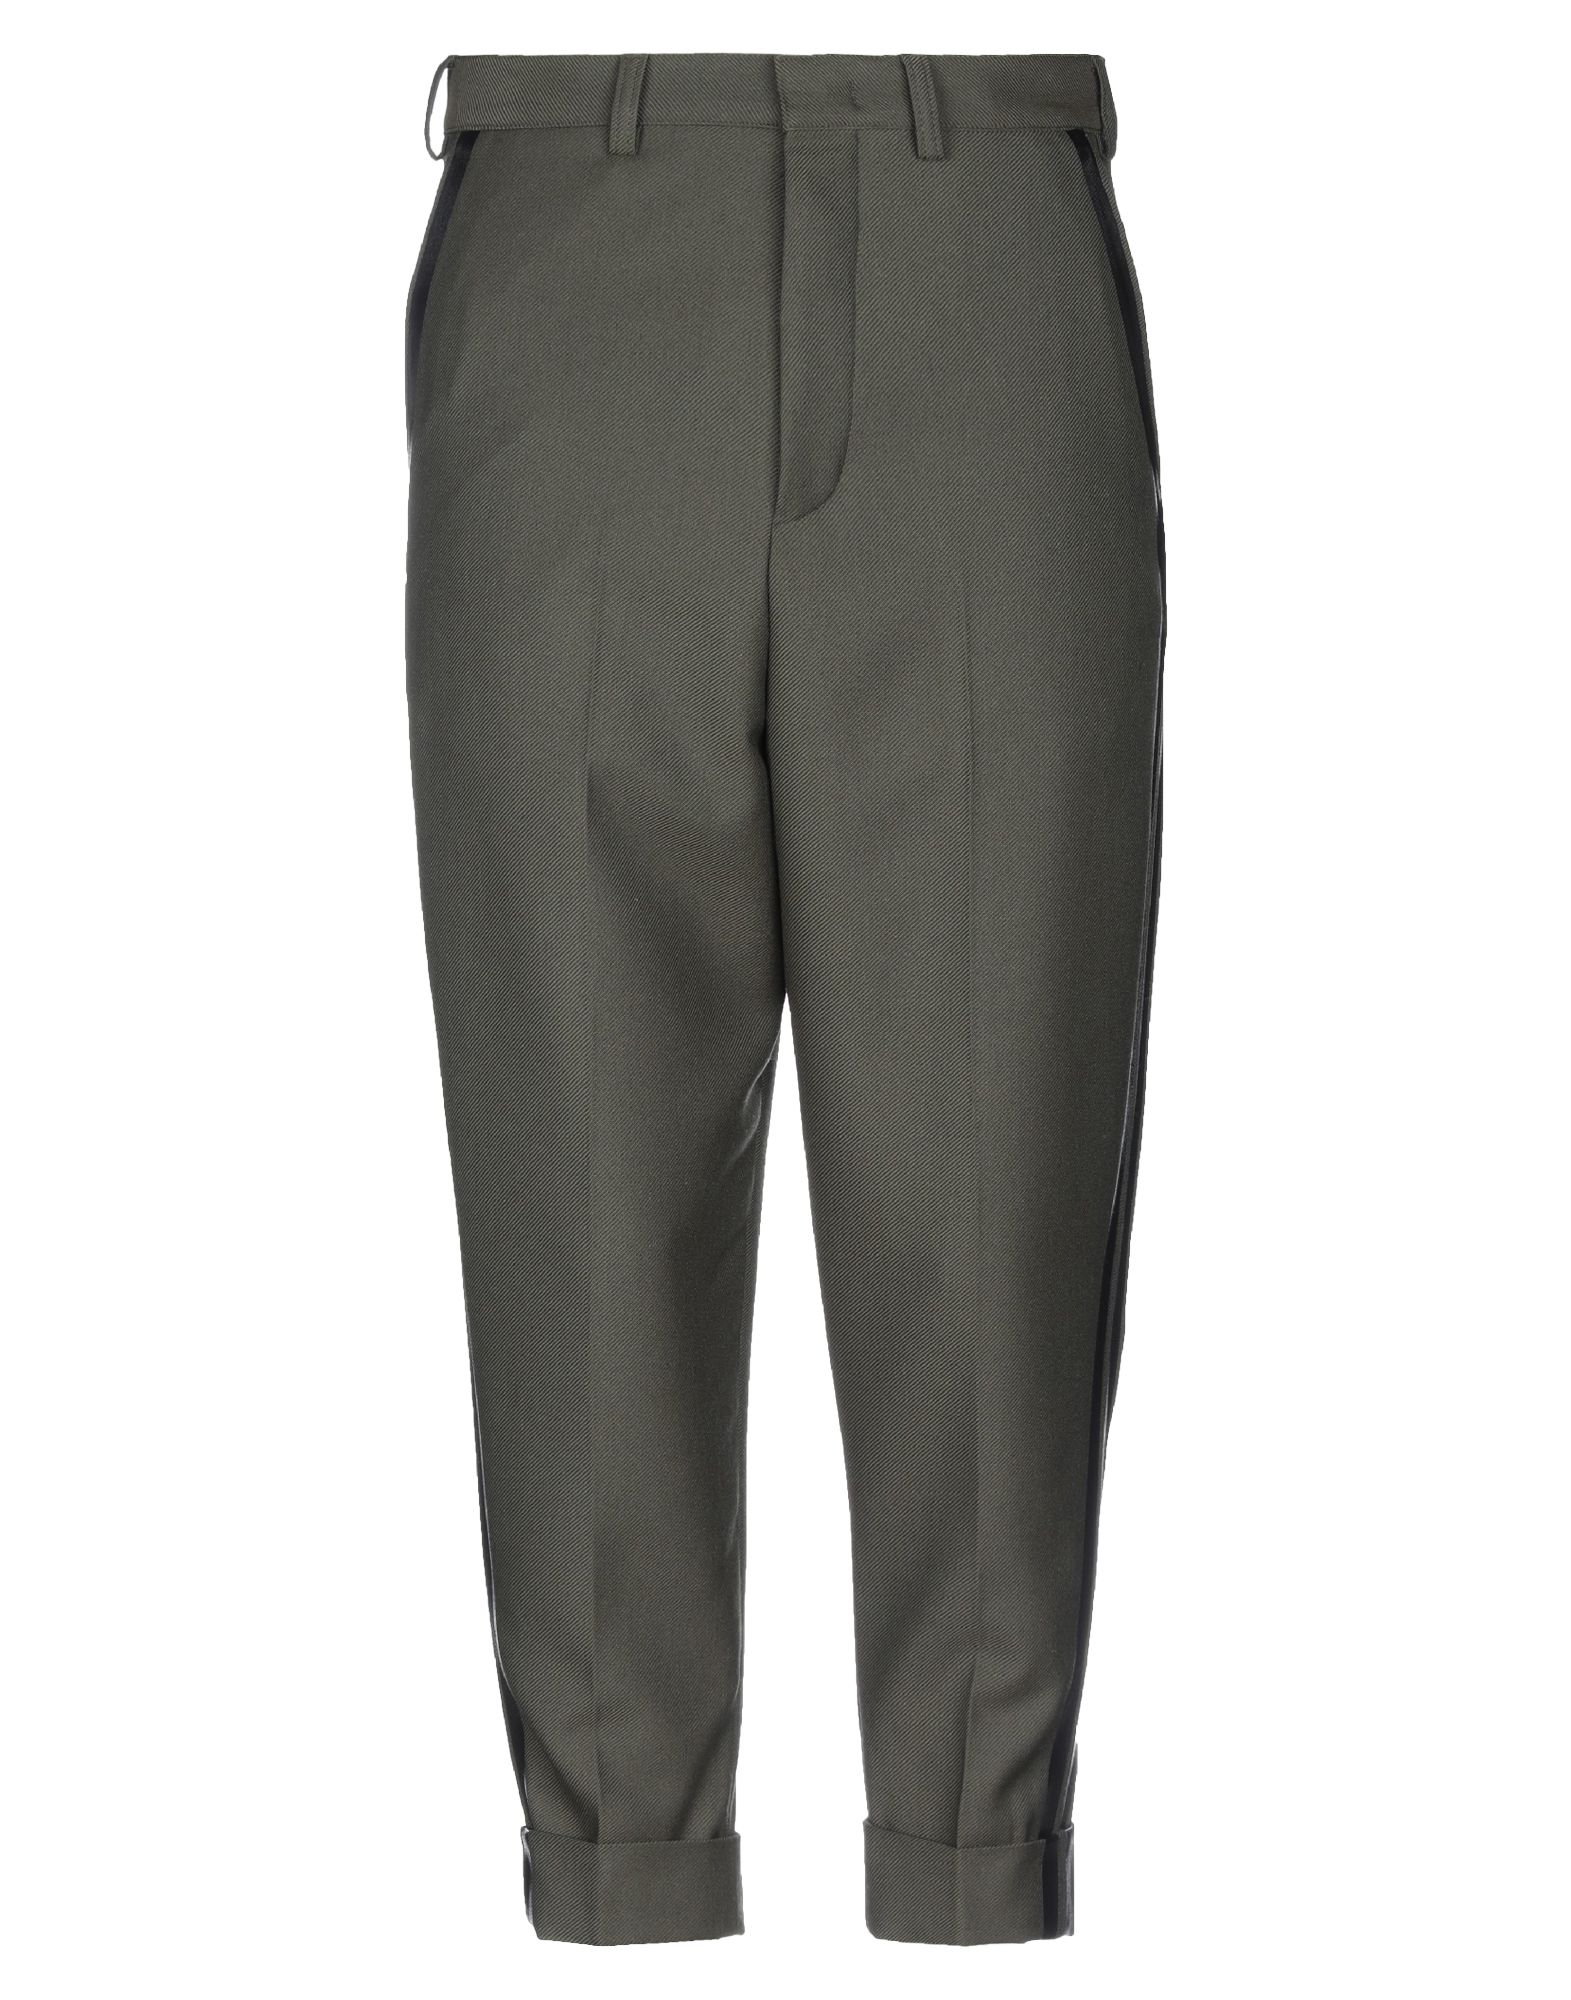 《セール開催中》PT Torino メンズ カプリパンツ ミリタリーグリーン 46 バージンウール 50% / ポリエステル 50%